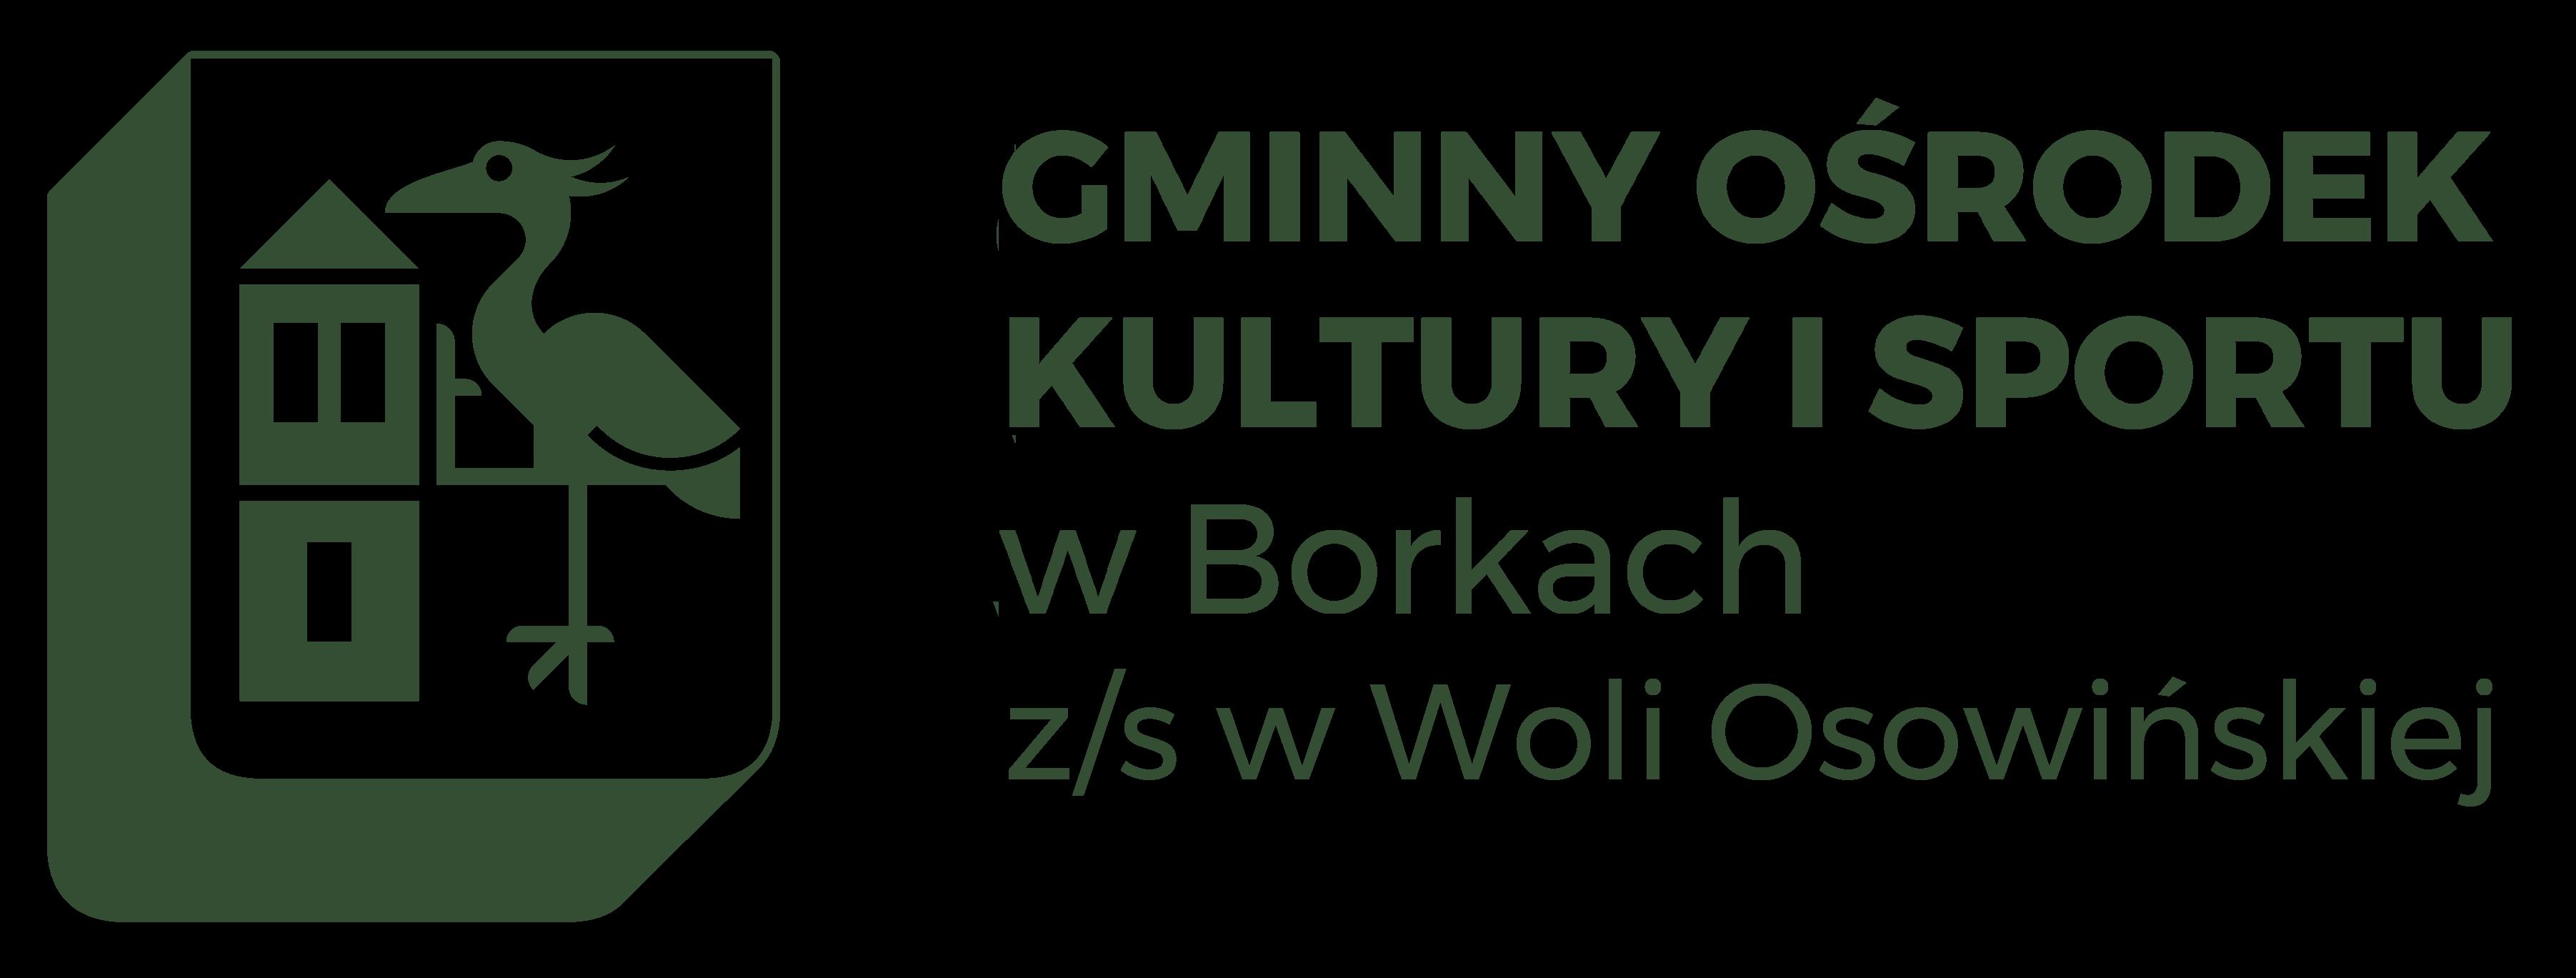 Gminny Ośrodek Kultury i Sportu w Borkach